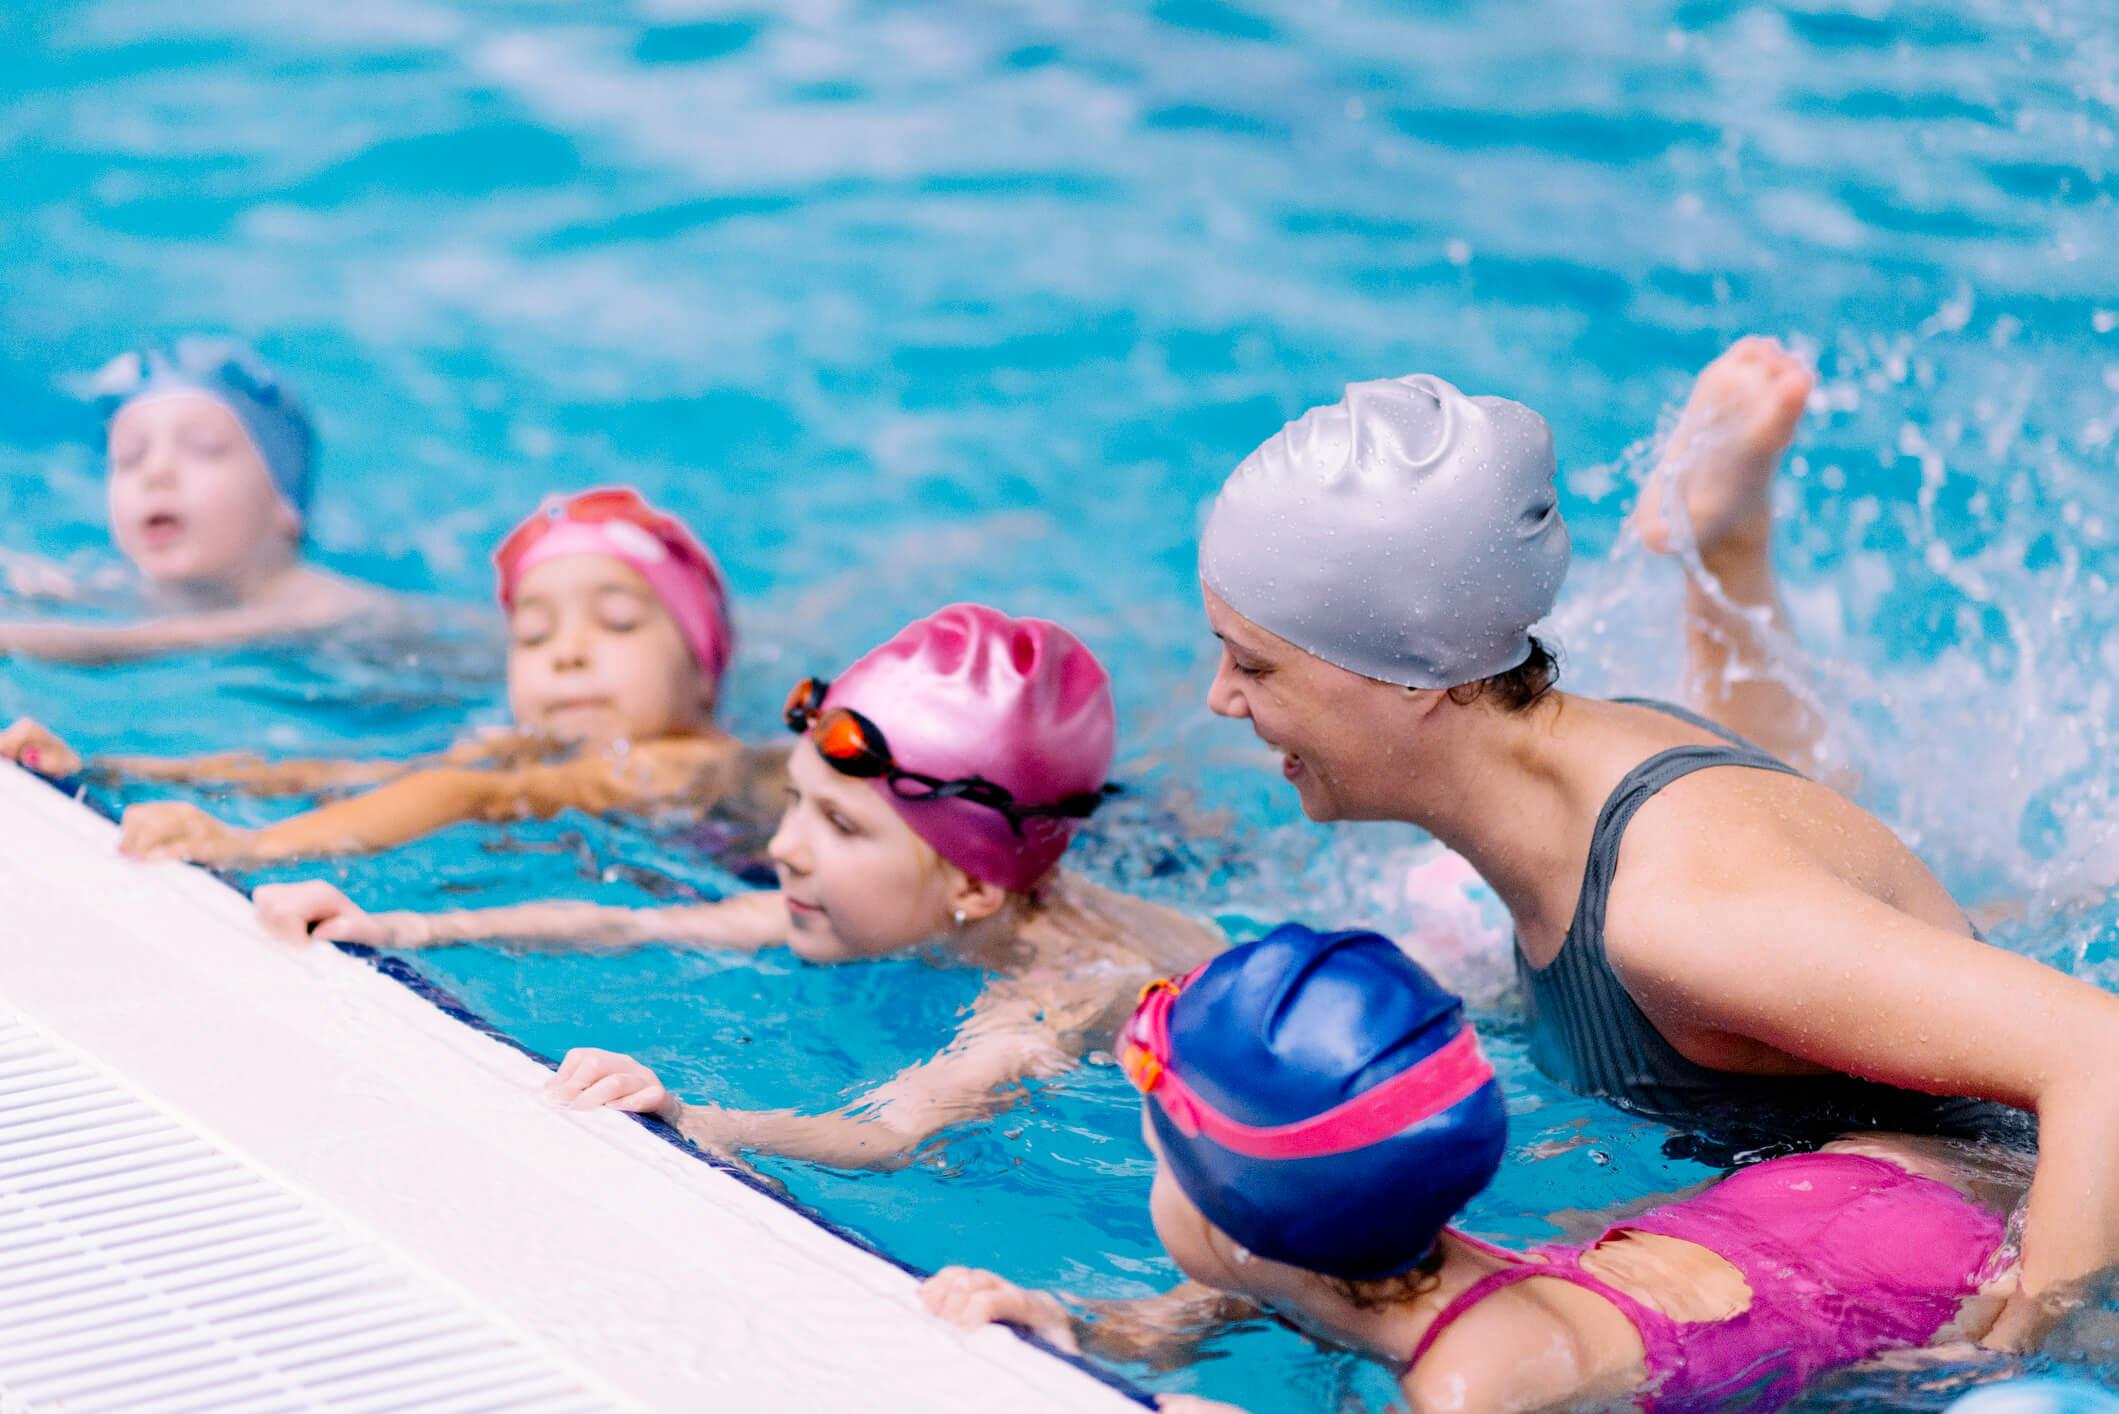 ביטוח אחריות מקצועי למדריכי שחייה (1)